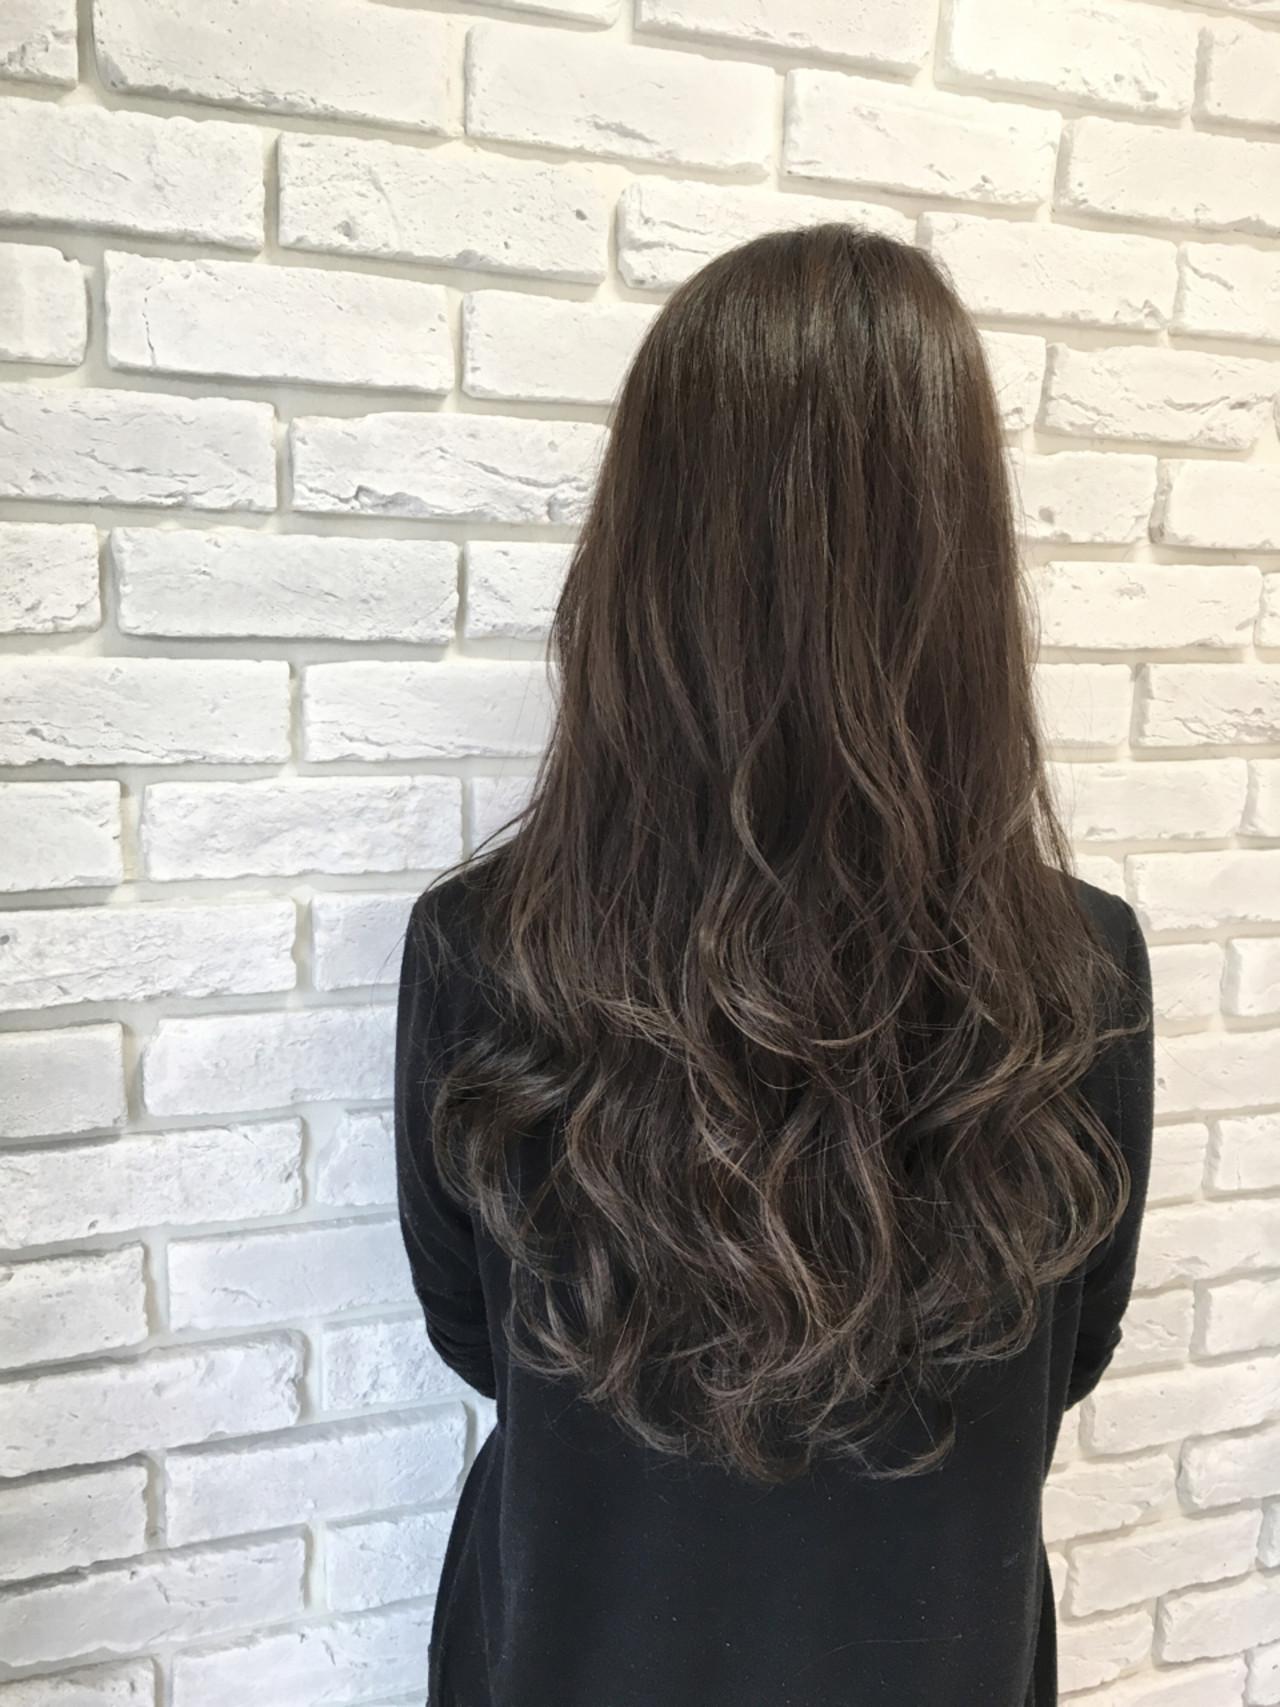 セミロング アッシュ 暗髪 ウェーブ ヘアスタイルや髪型の写真・画像